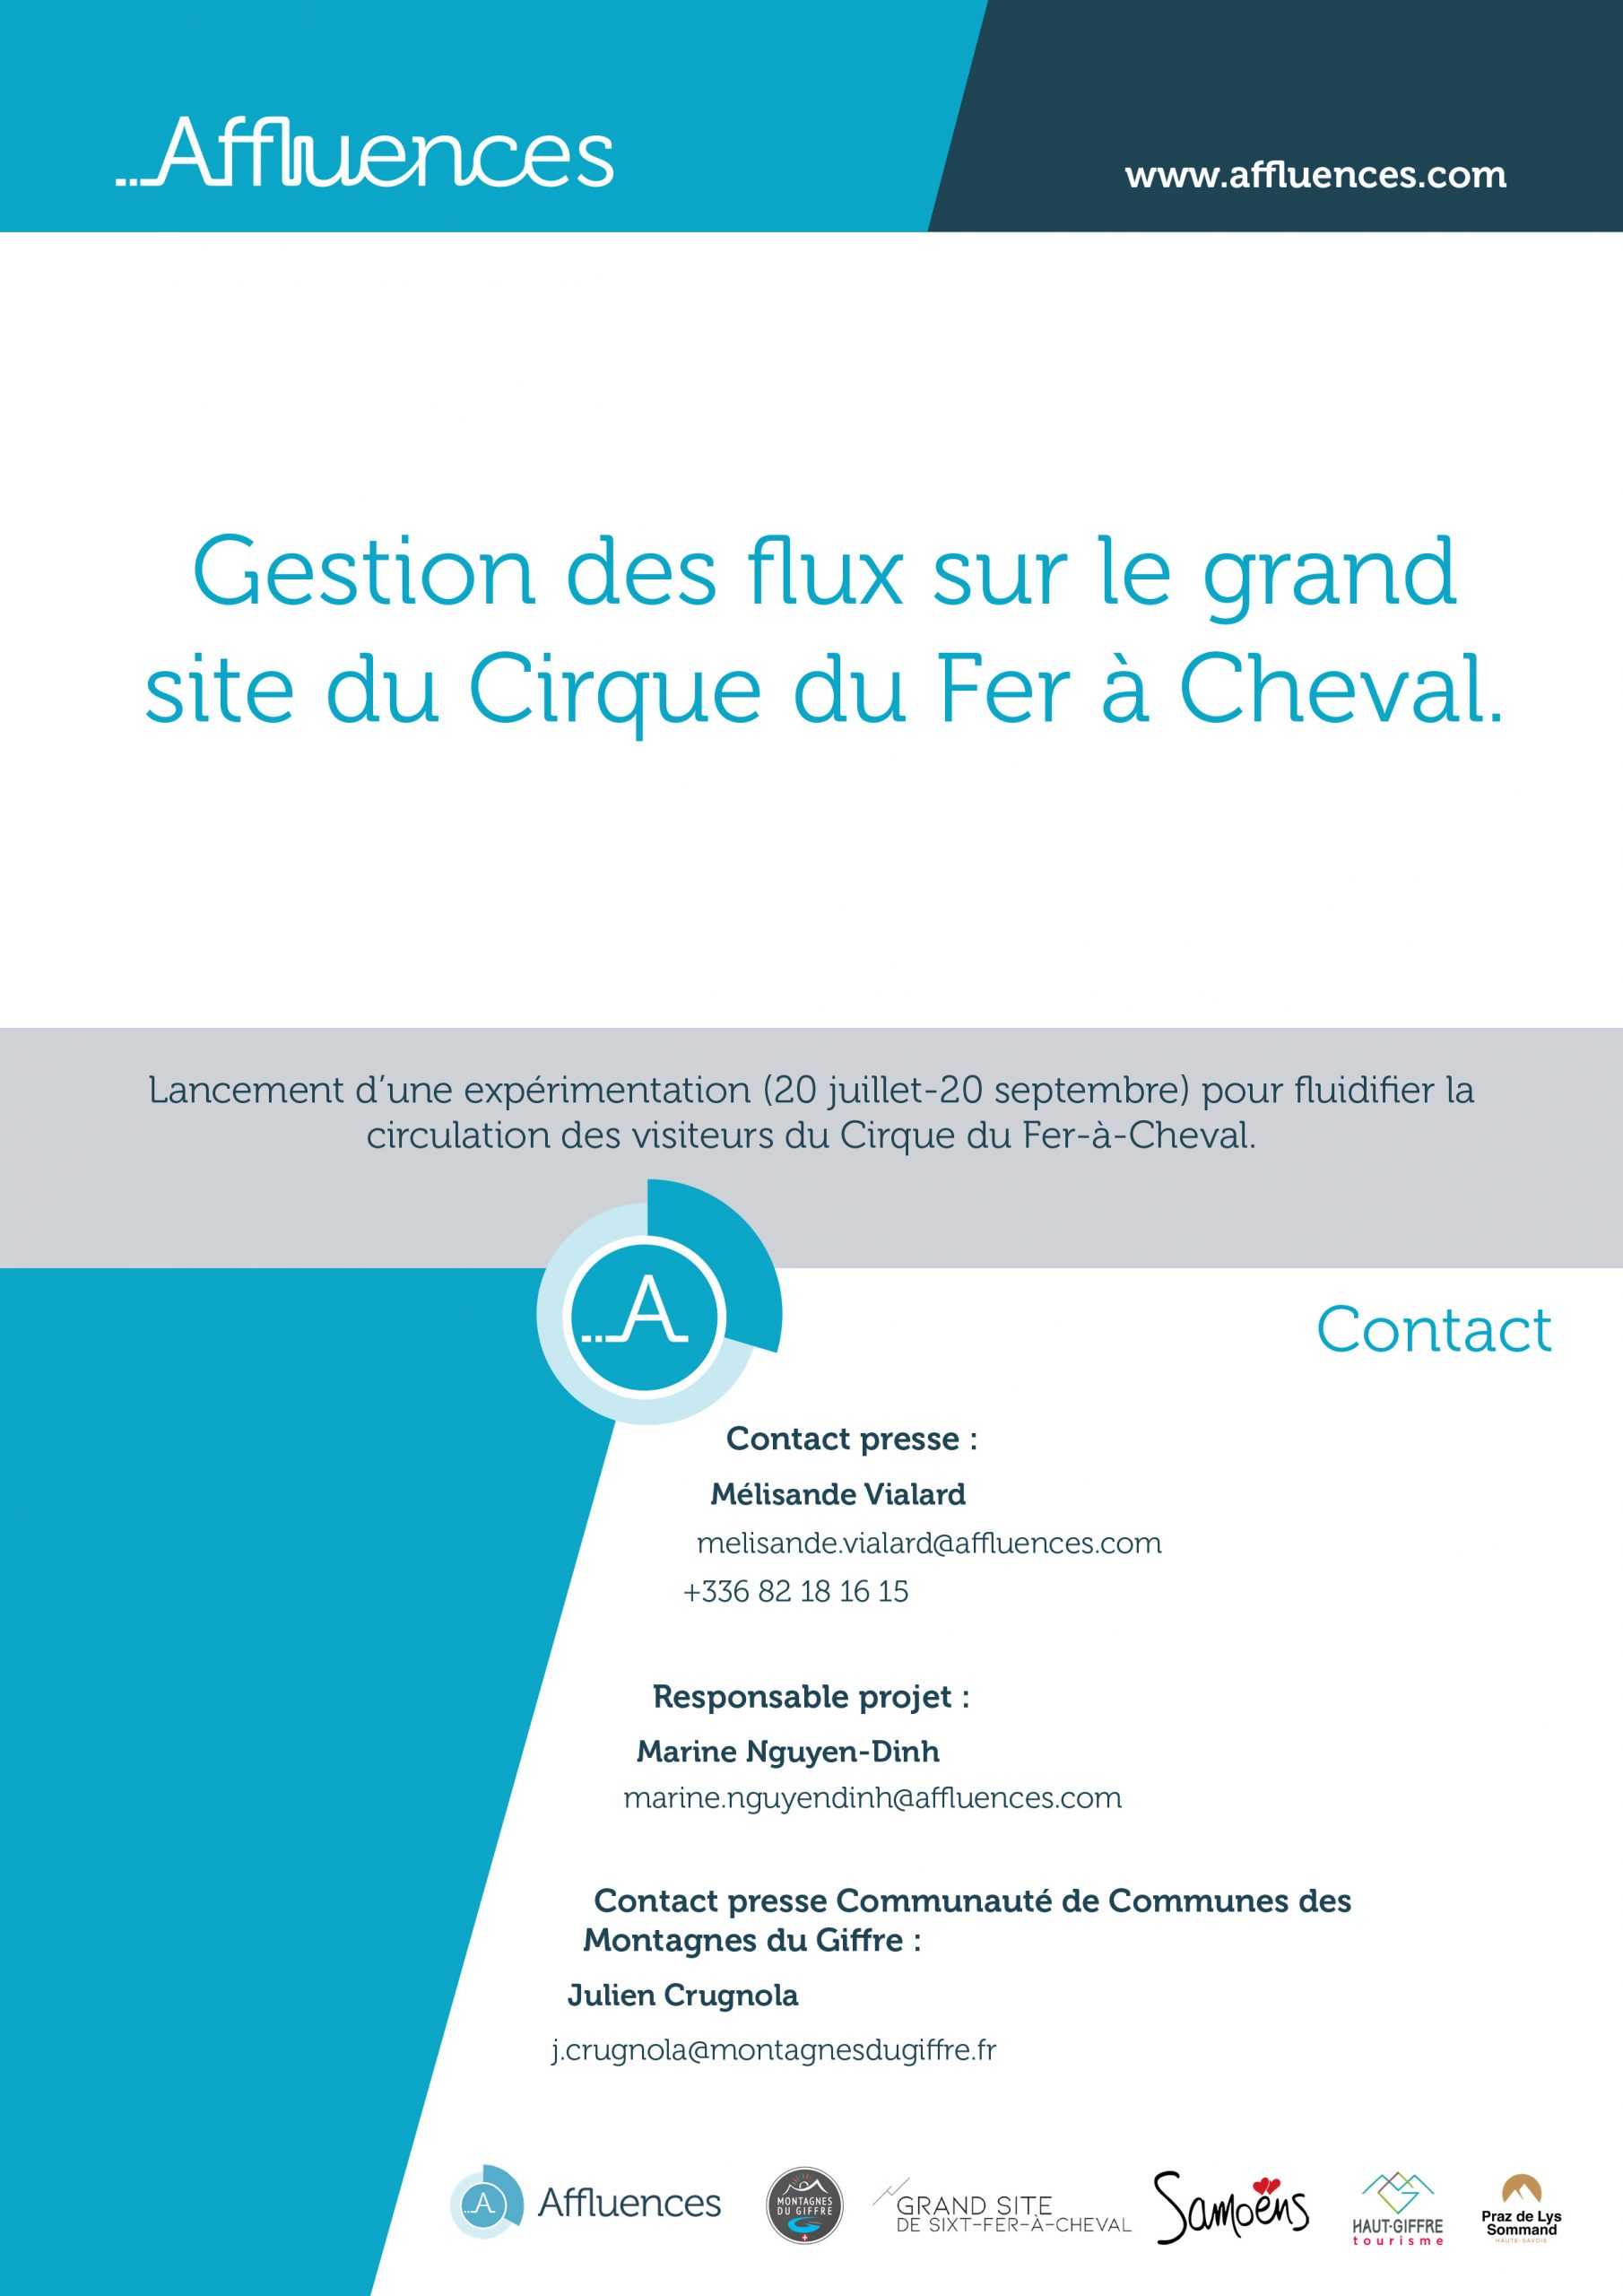 Une application pour le suivi de l'affluence au Cirque du Fer-à-Cheval